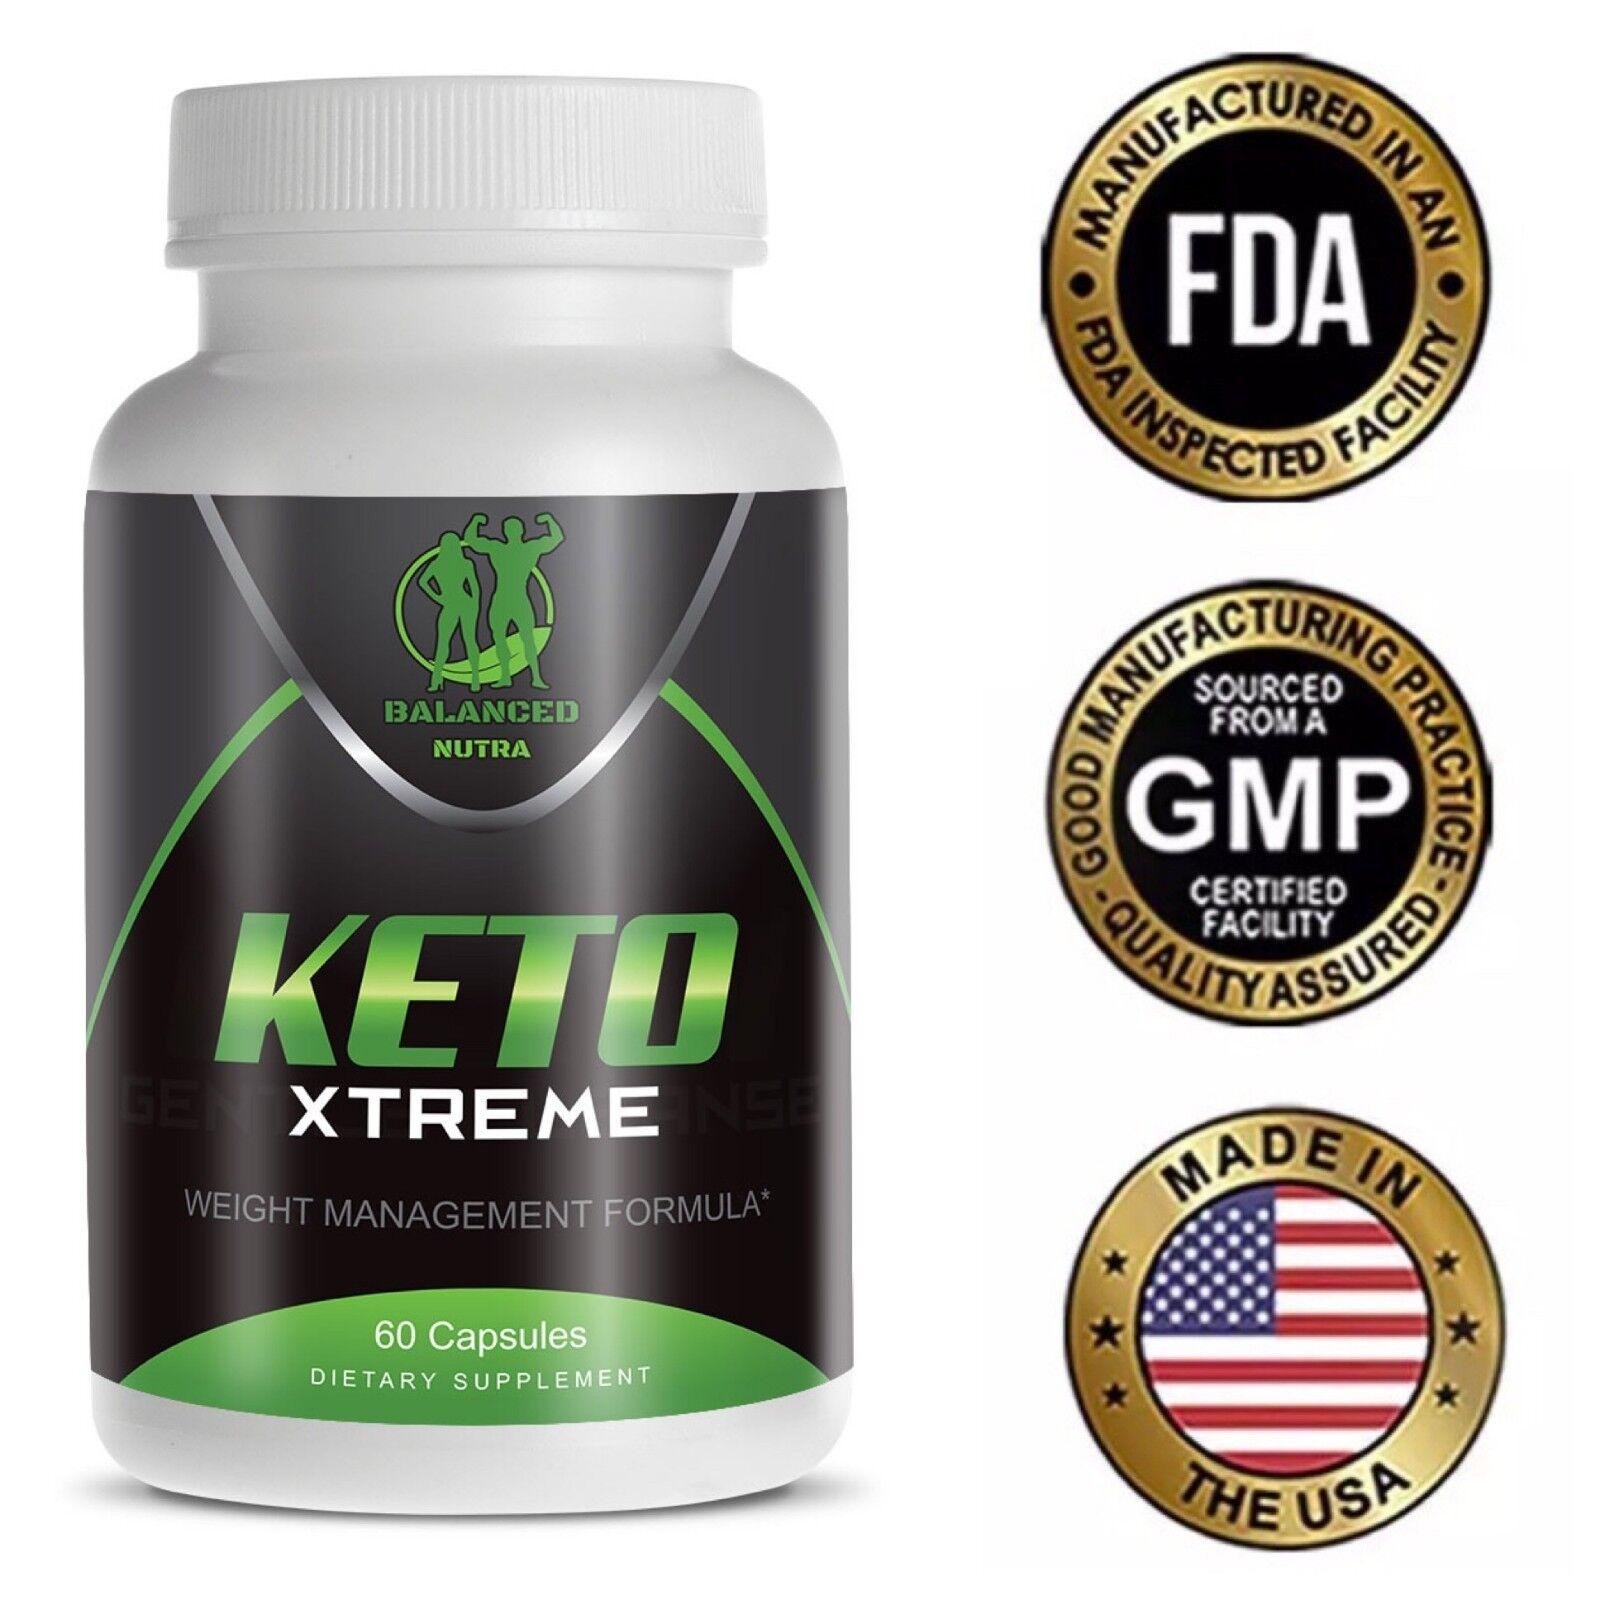 Keto XTREME pilules amaigrissantes pour perte de poids un mois de consommation